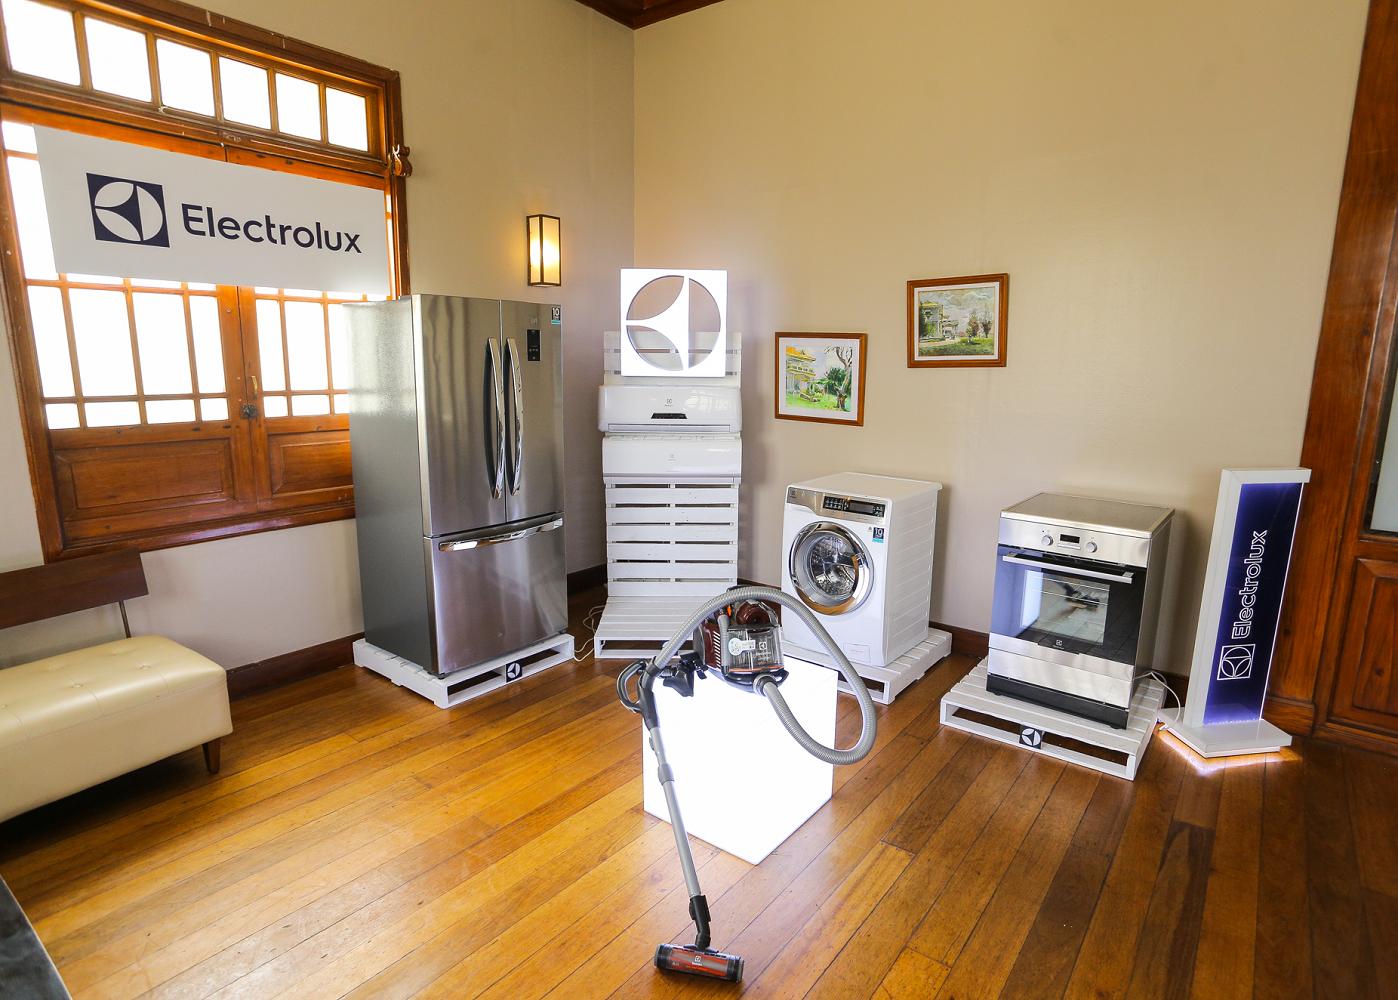 #ElectroluxHealthyHome Appliances